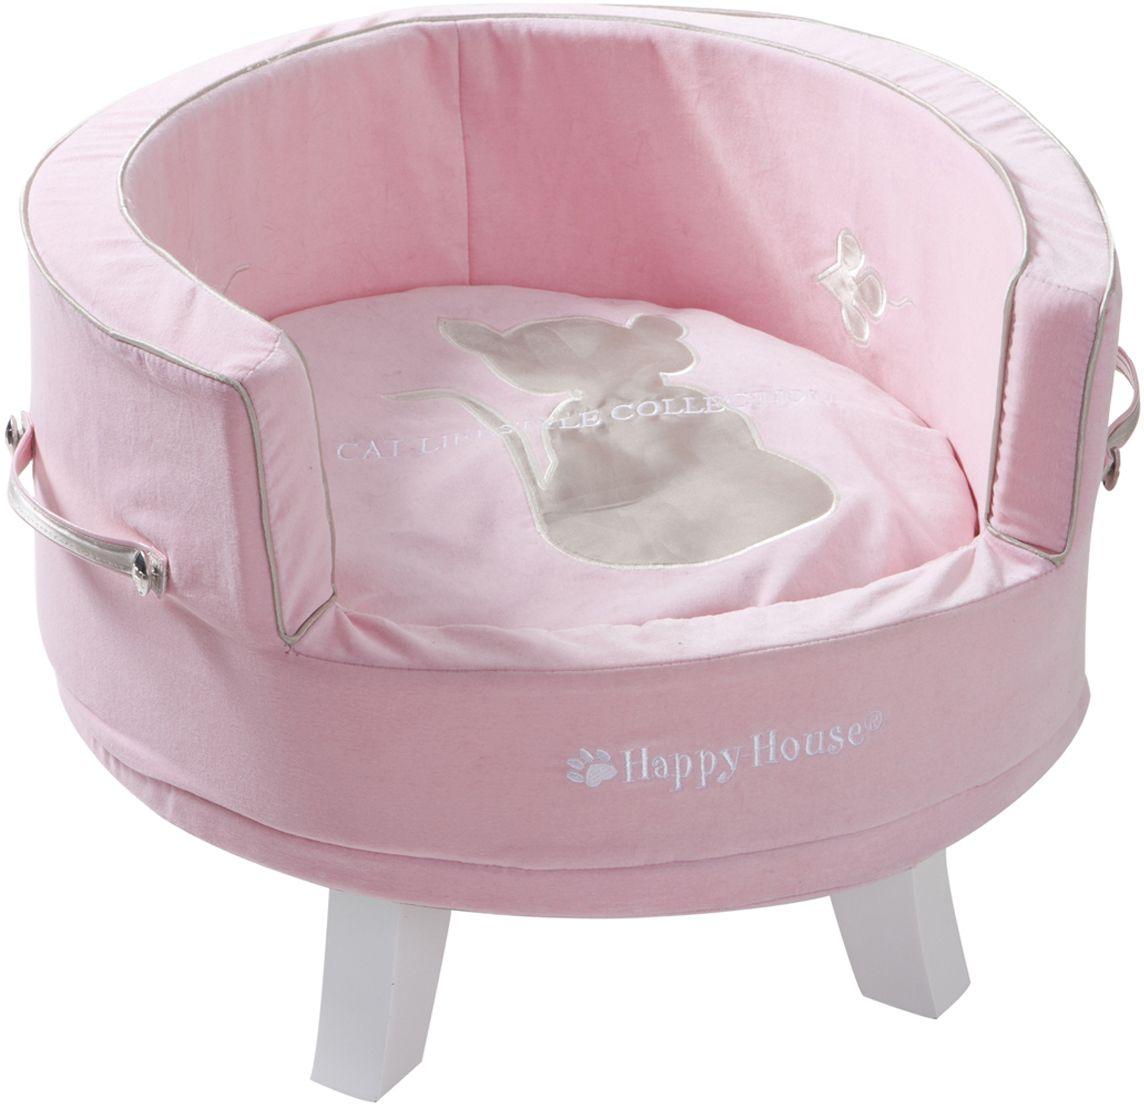 Лежак для кошек Happy House Cat Lifestyle, цвет: розовый, 50 х 45 х 32 см8960-1Лежак Happy House Cat Lifestyle обязательно понравится вашему питомцу. Изделие выполнено из дерева и обтянуто велюром и сатином. Внутри имеется мягкая подстилка. Высокие борта обеспечат вашему любимцу уют, ему сразу же захочется забраться на лежак, там он сможет отдохнуть и подремать в свое удовольствие. Лежак станет излюбленным местом вашего питомца, подарит ему спокойный и комфортный сон, а также убережет вашу мебель от многочисленной шерсти. Рекомендуемый вес животного: до 15 кг.